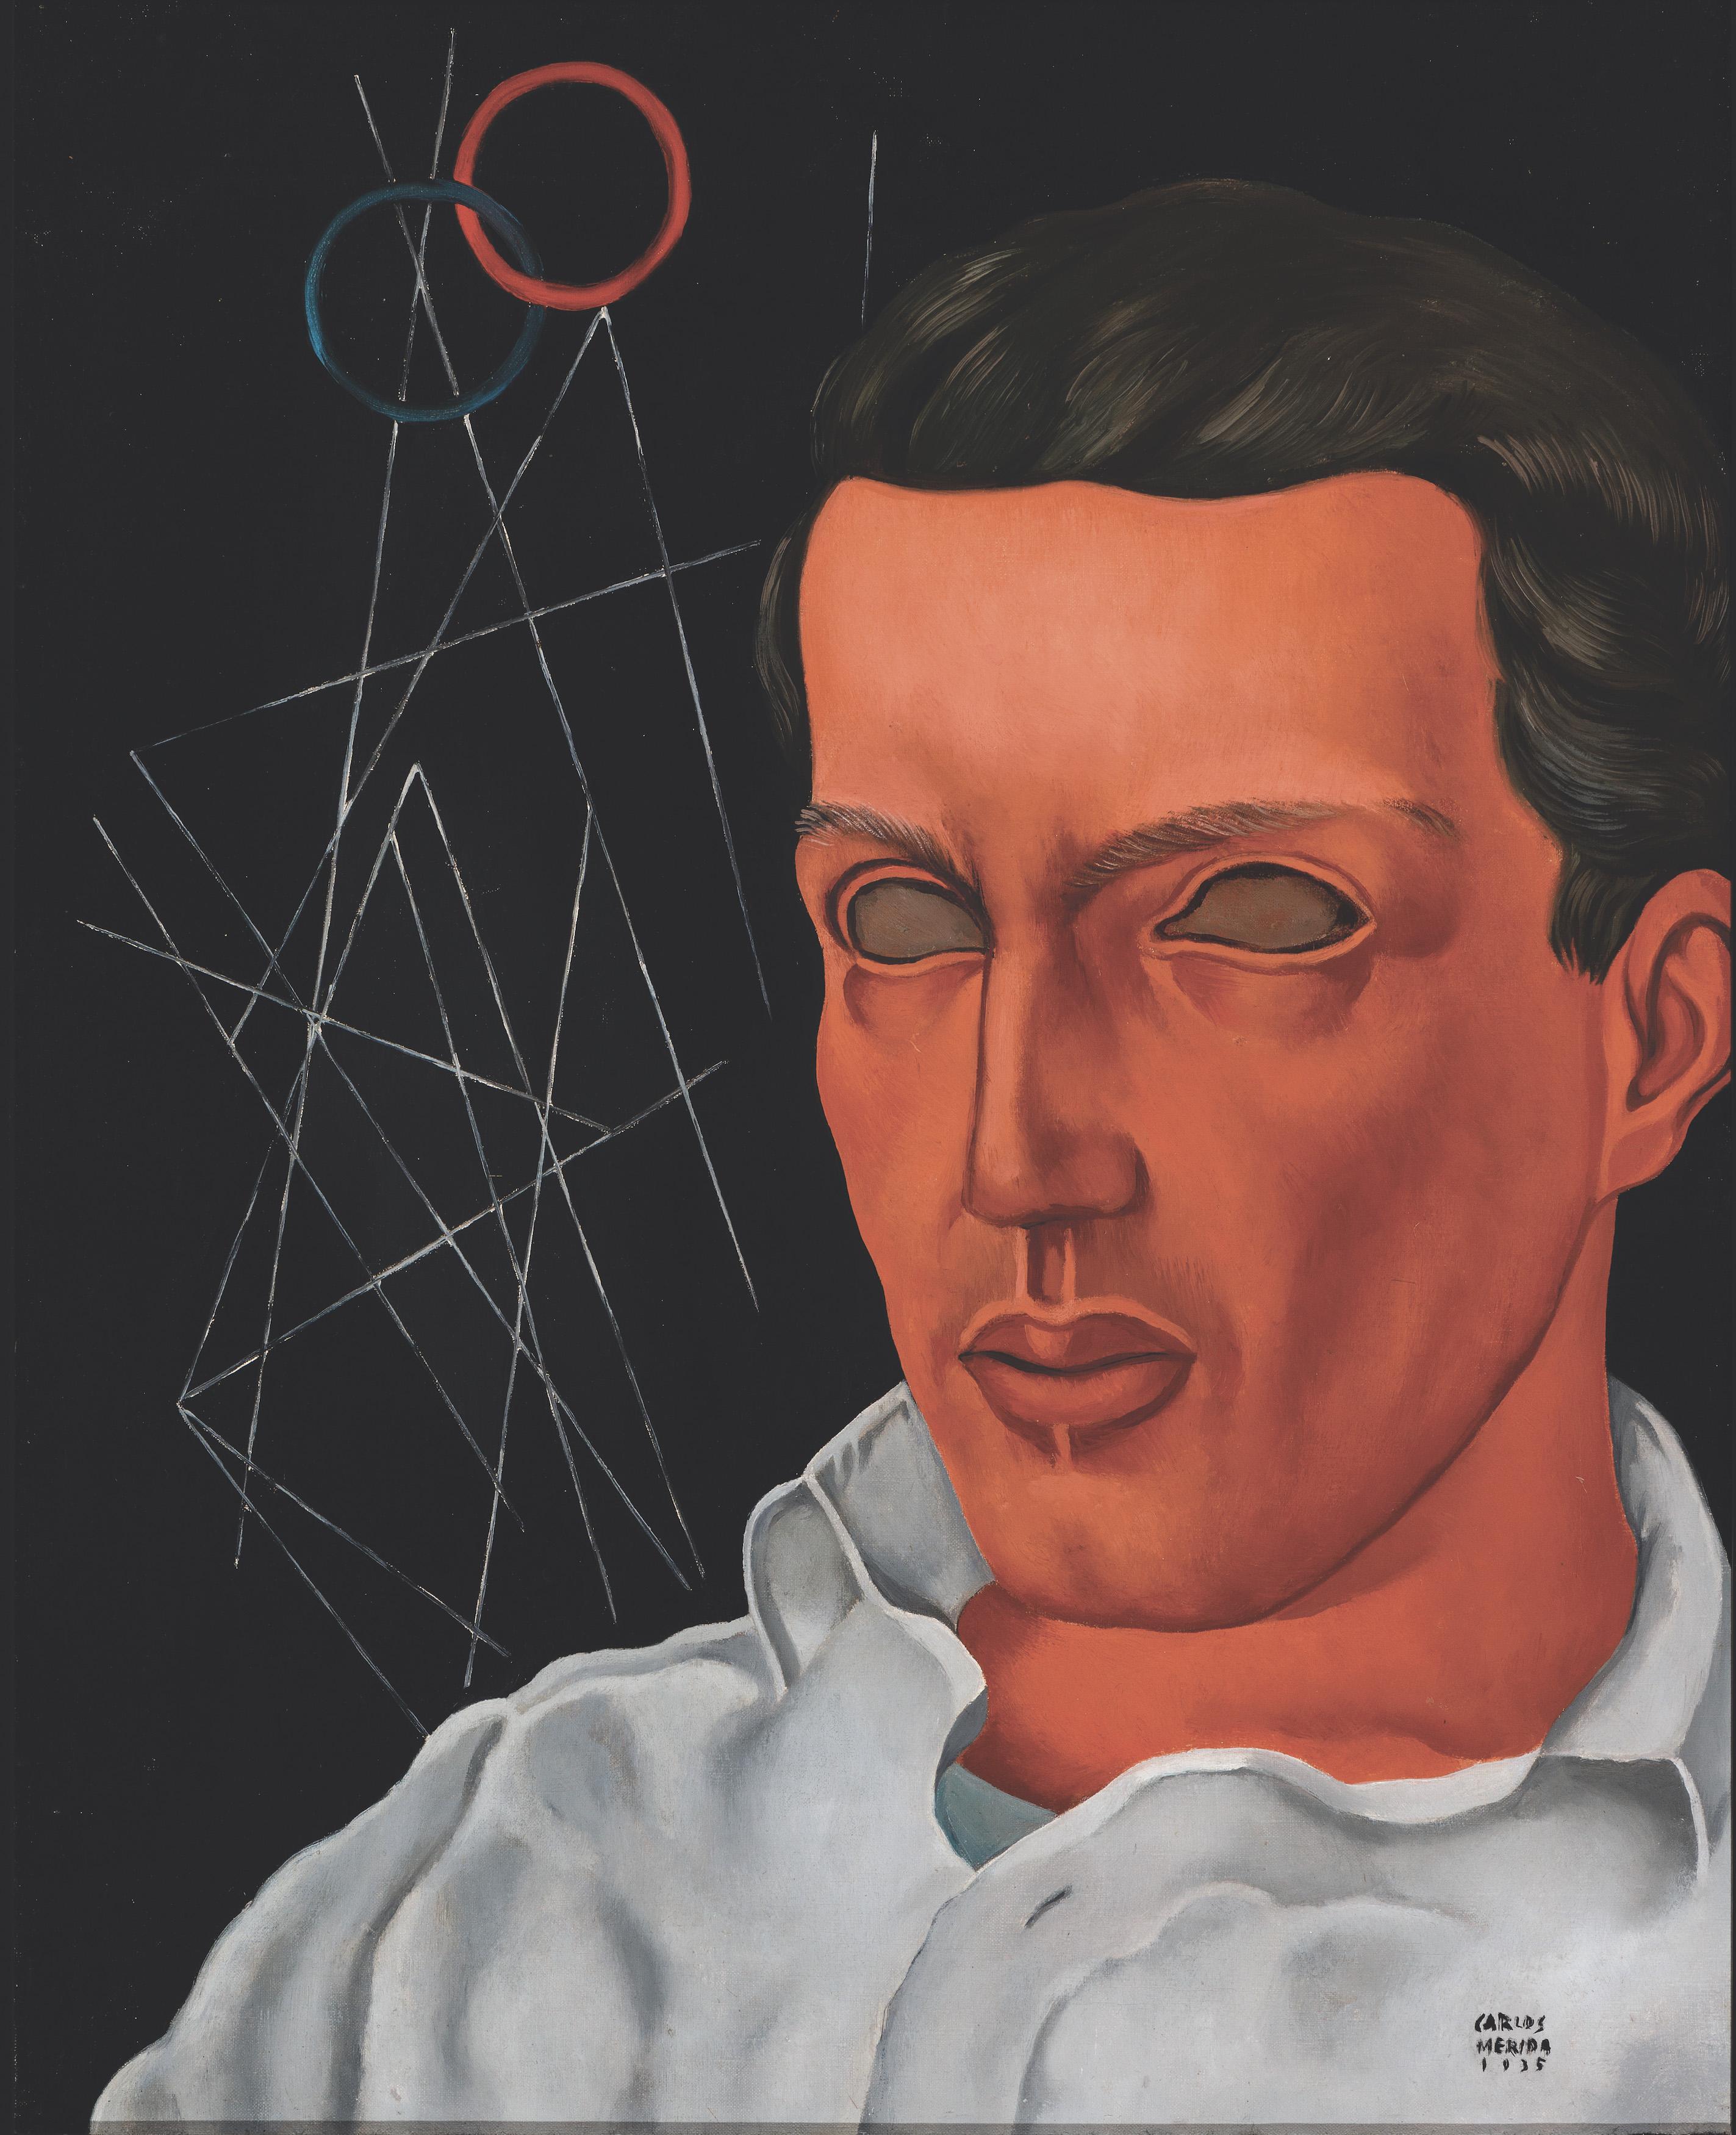 El Munal de la CDMX celebra el centenario de la llegada de Carlos Mérida a México de su natal Guatemala, donde se unió al muralismo mexicano.